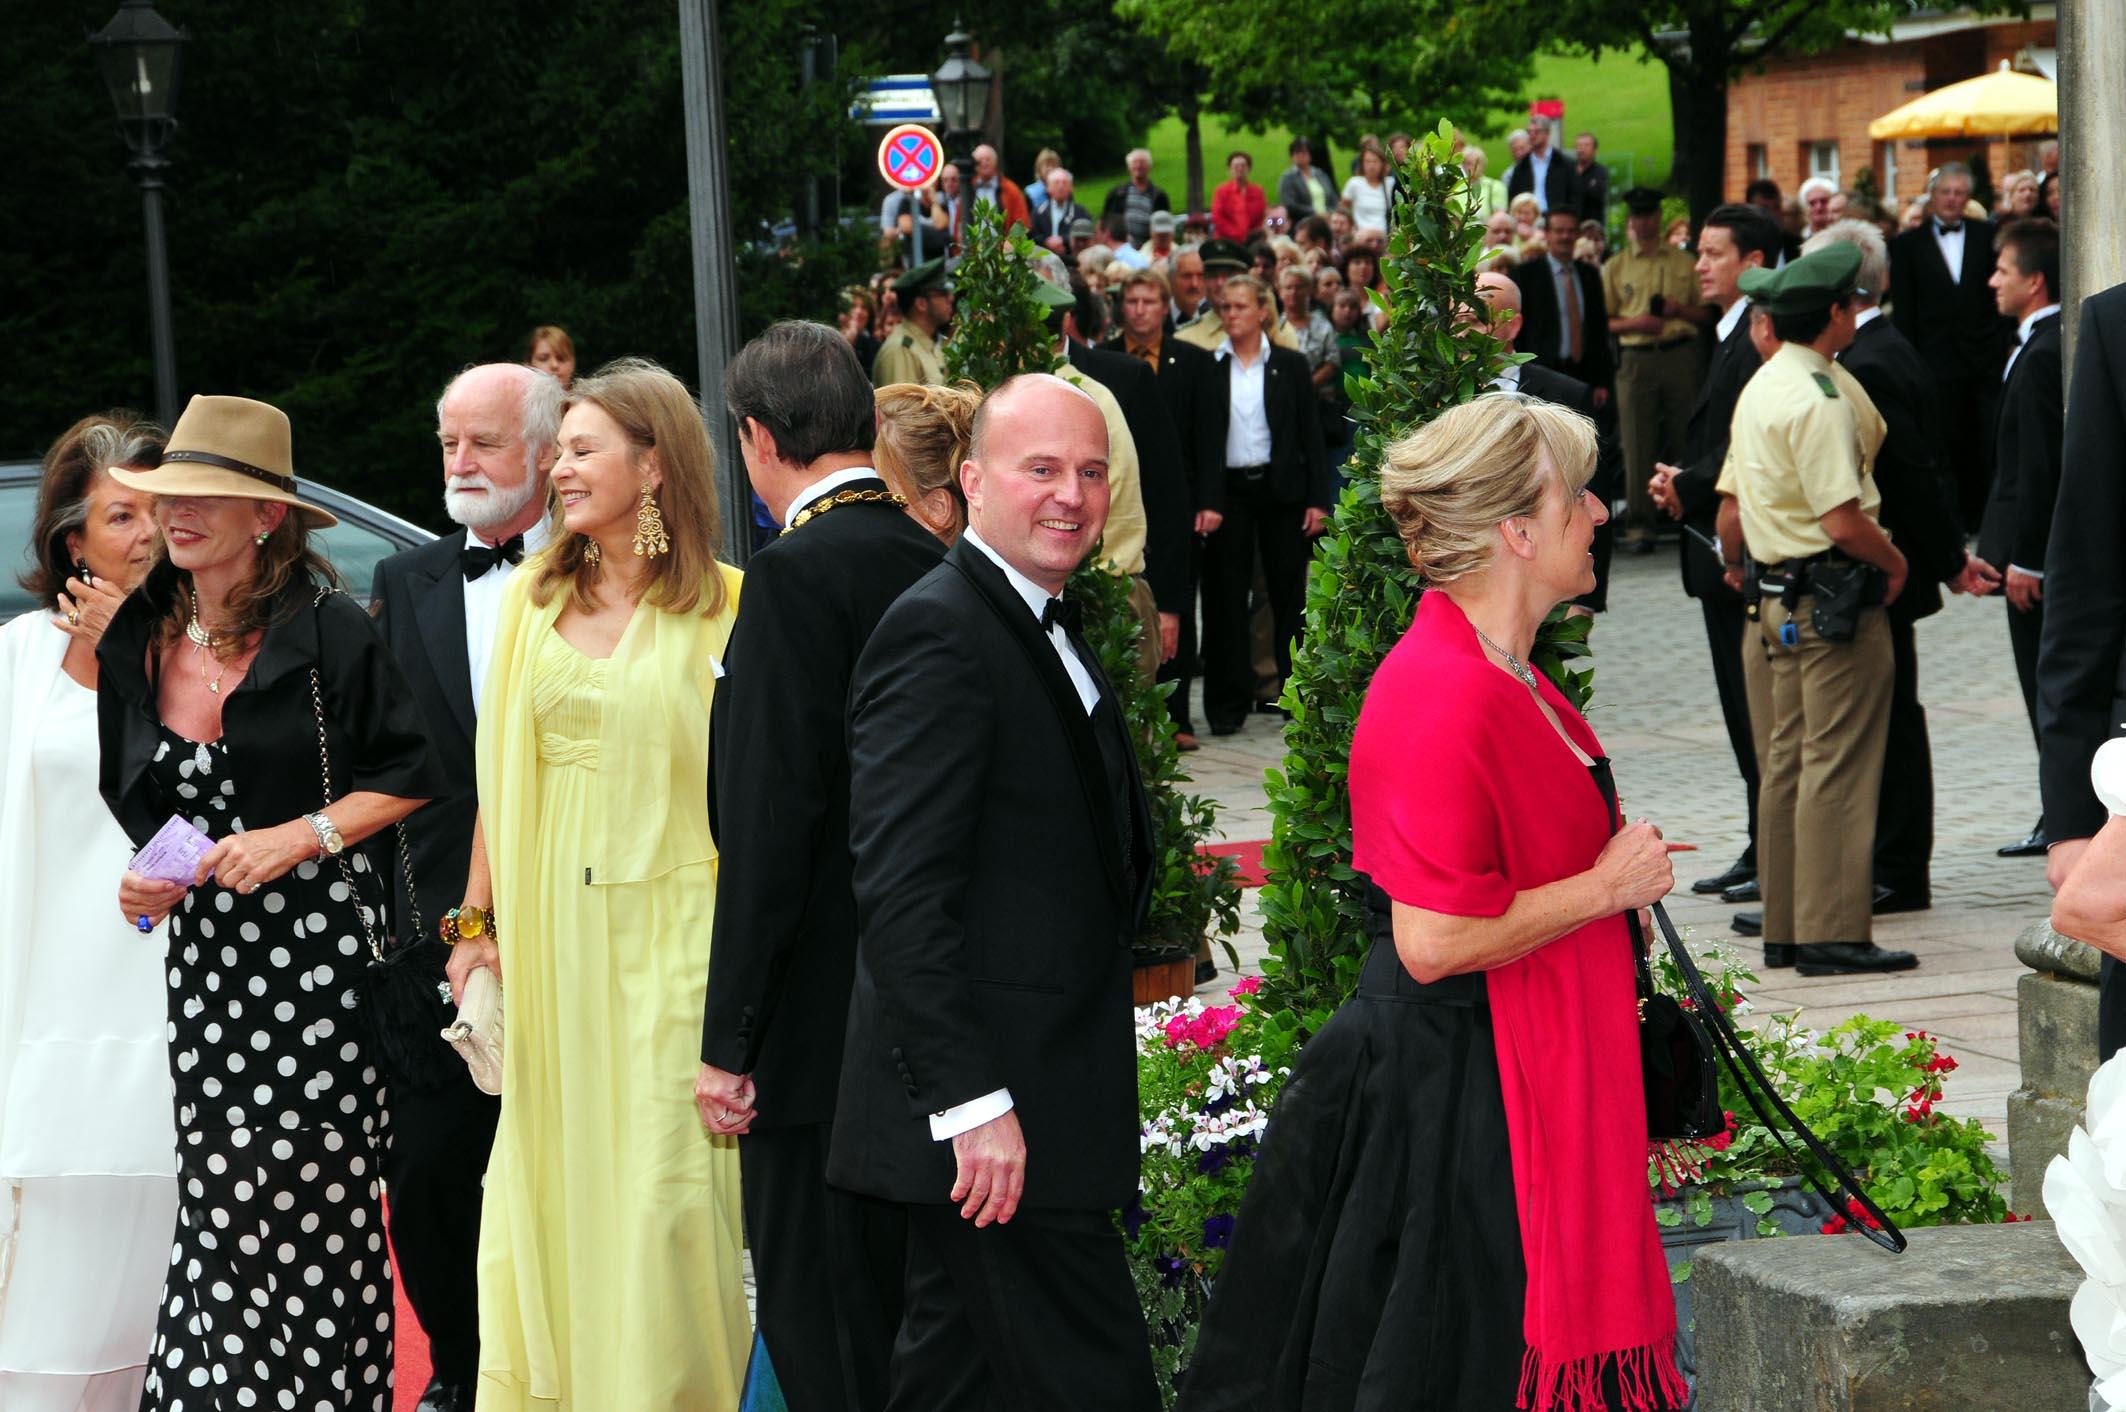 Eröffnung der Bayreuther Festspiele  Koschyk mittendrin